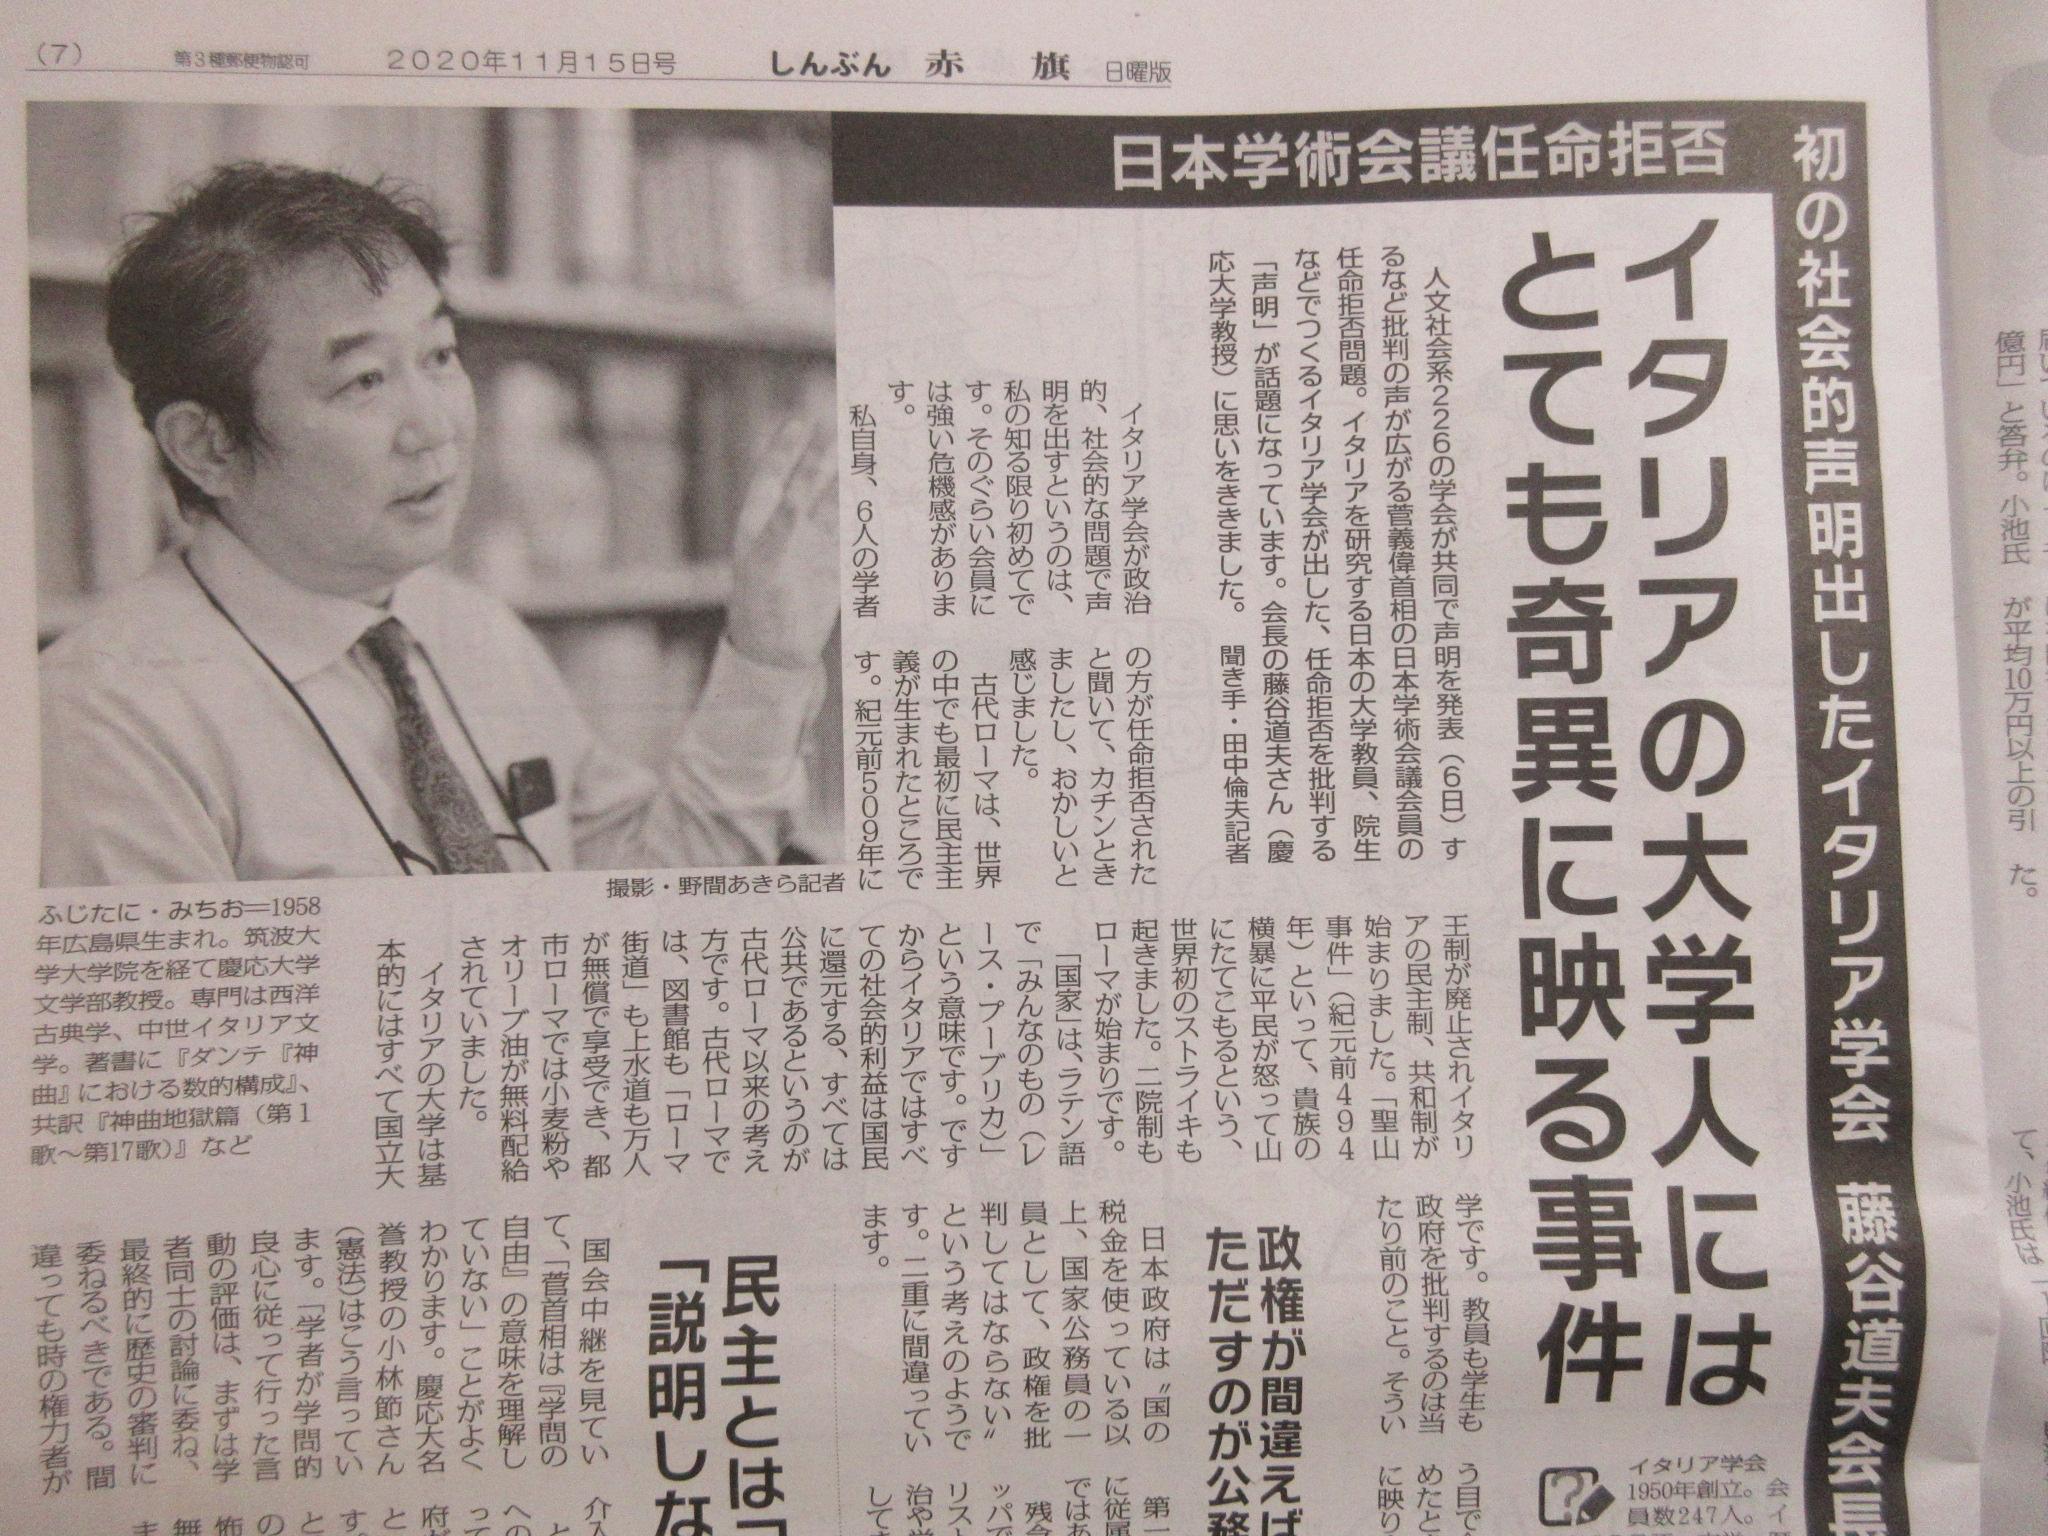 http://www.inoue-satoshi.com/diary/IMG_1578.JPG